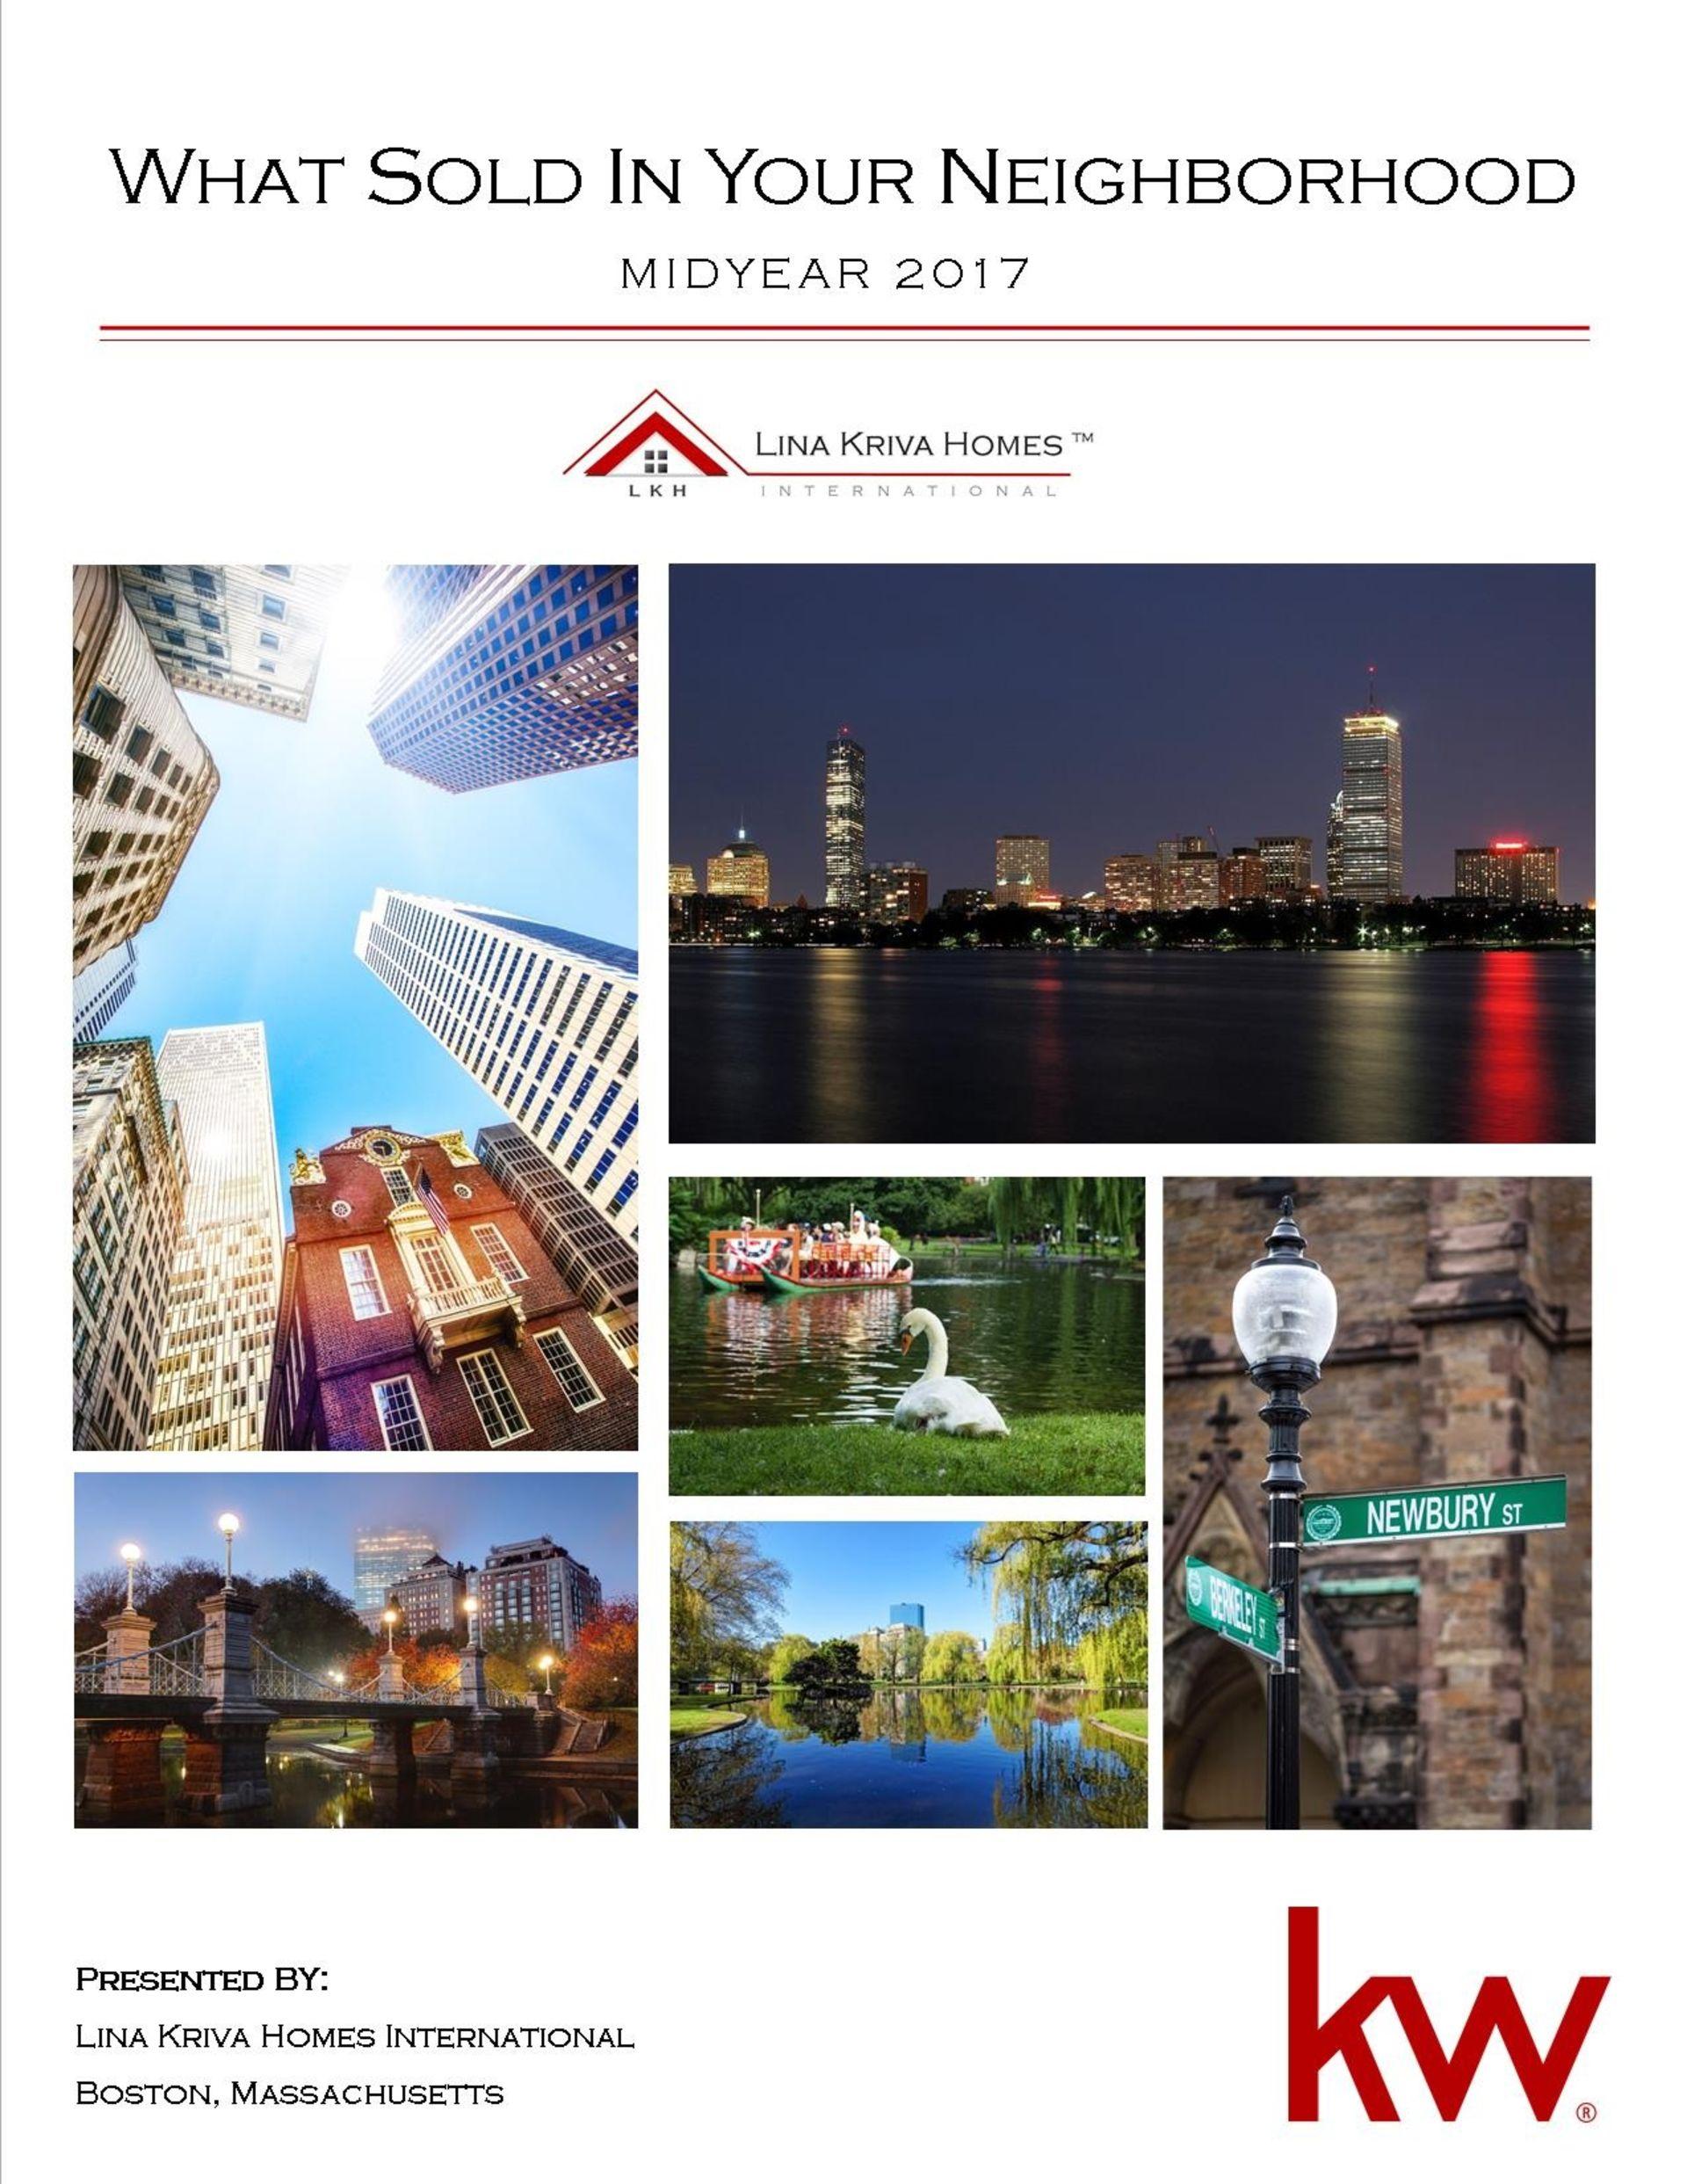 Your Neighborhood Market Midyear Report 2017